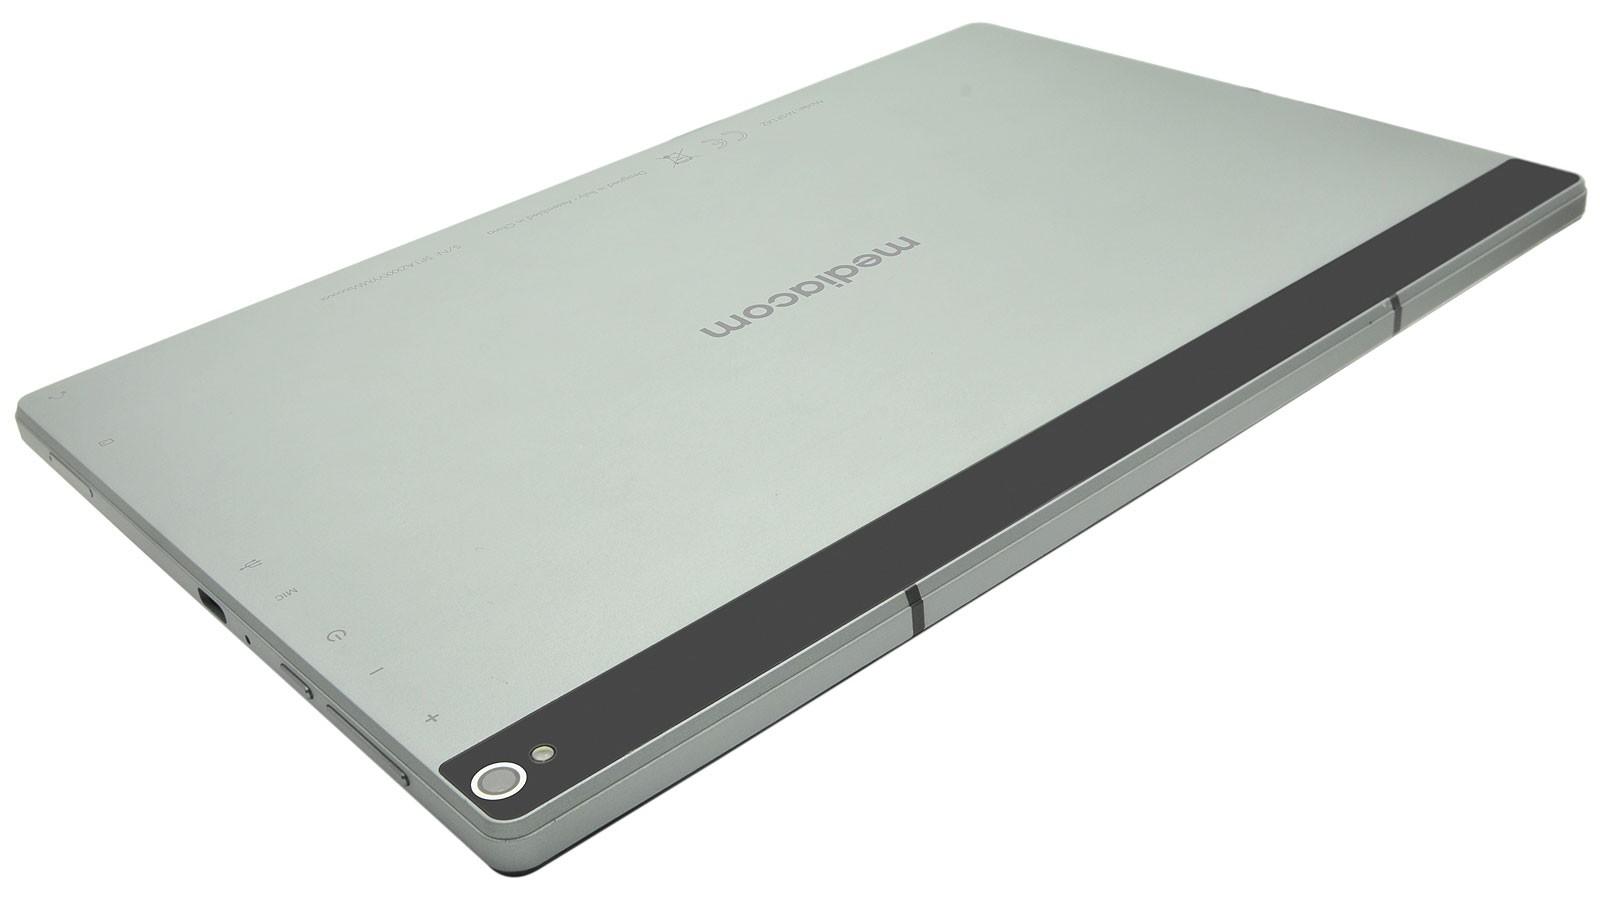 Mediacom Tablet SmartPad 10 Eclipse 2